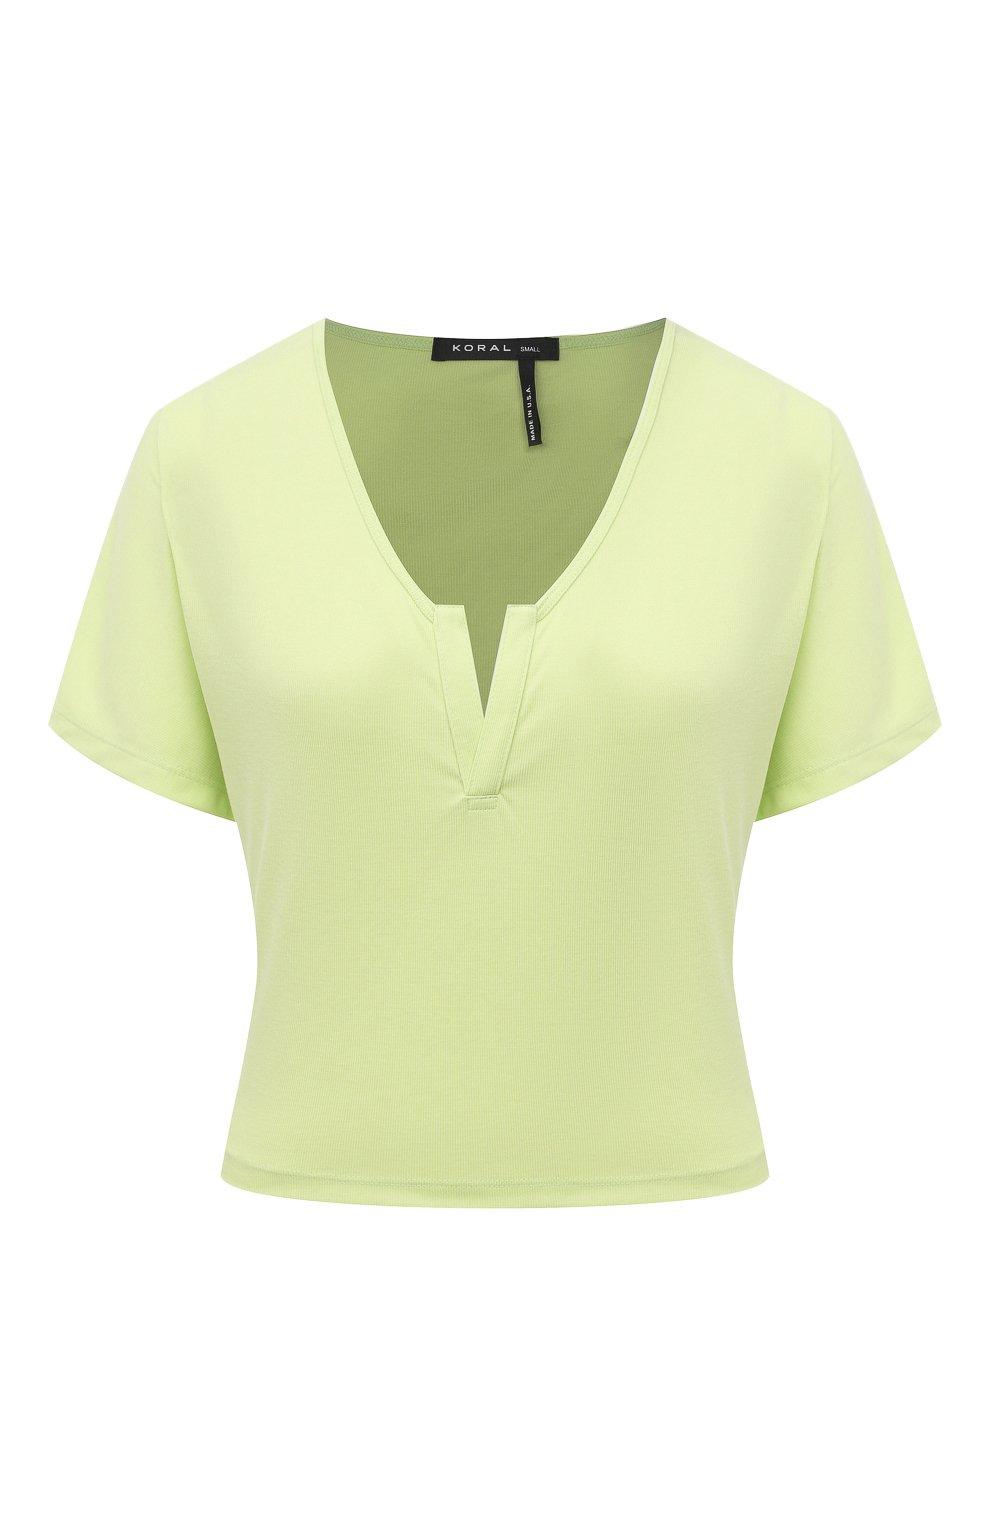 Женская футболка KORAL зеленого цвета, арт. A6427J85 | Фото 1 (Женское Кросс-КТ: Футболка-спорт, Футболка-одежда; Принт: Без принта; Рукава: Короткие; Материал внешний: Синтетический материал; Стили: Спорт-шик; Длина (для топов): Укороченные)